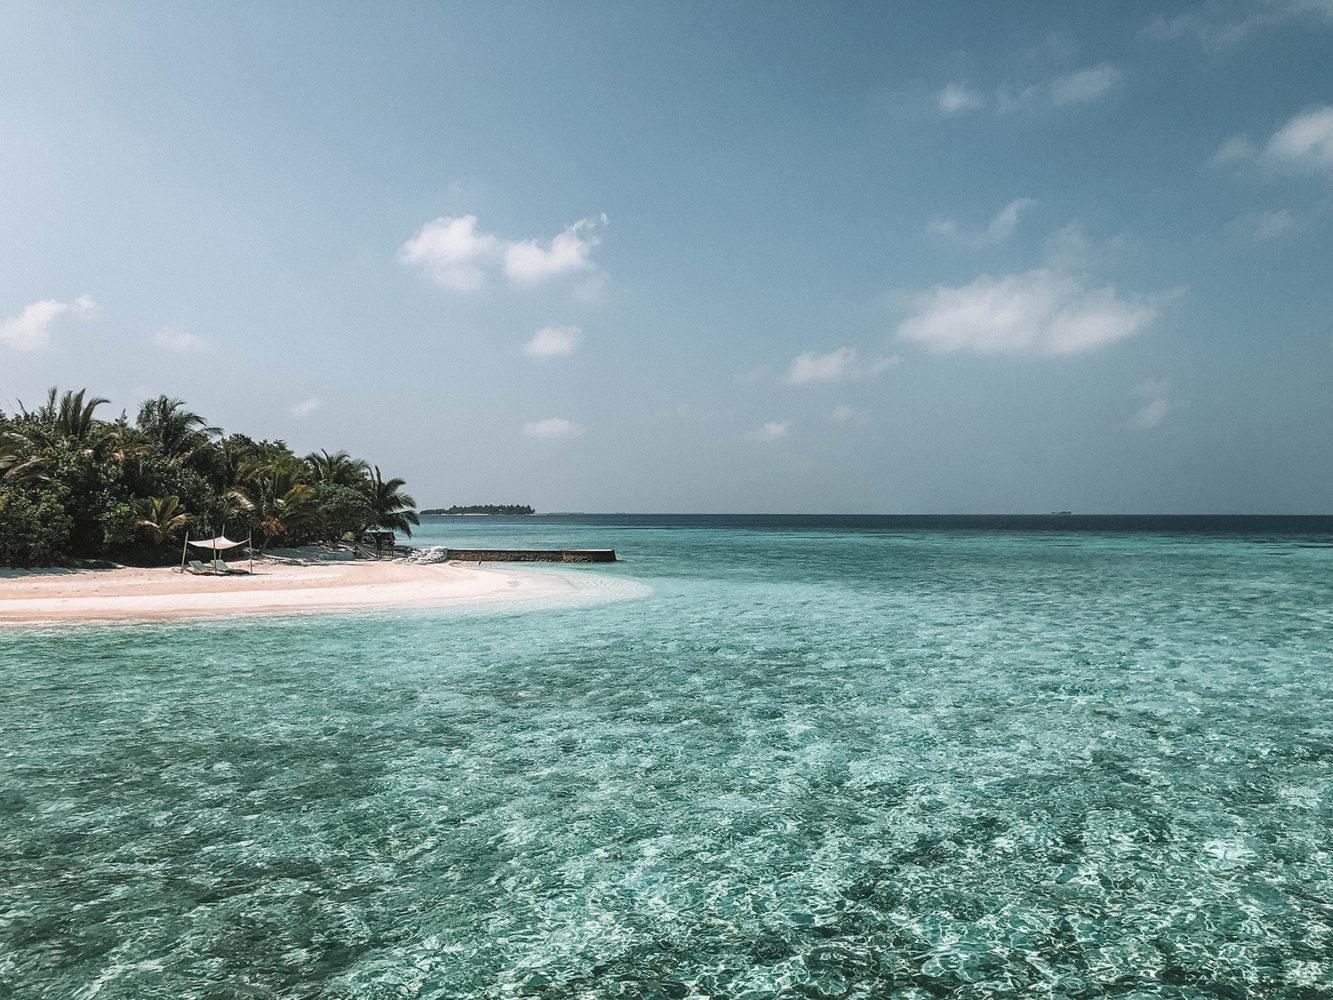 Petite plage privée